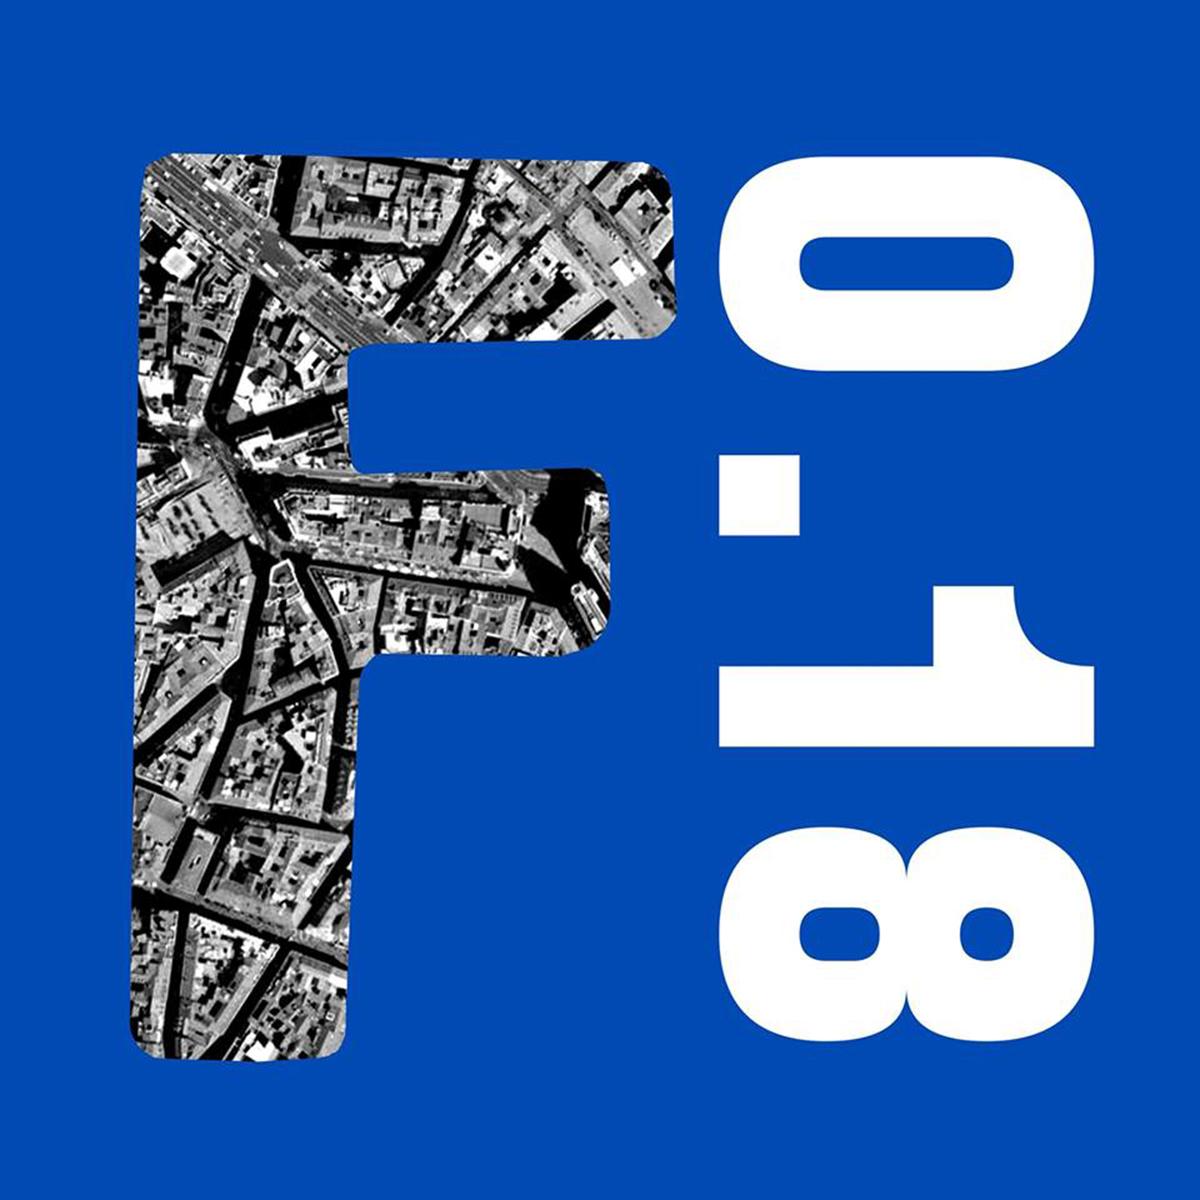 Franqueados 2018, Arte Madrid 2018, video arte, Thierry Ferreira